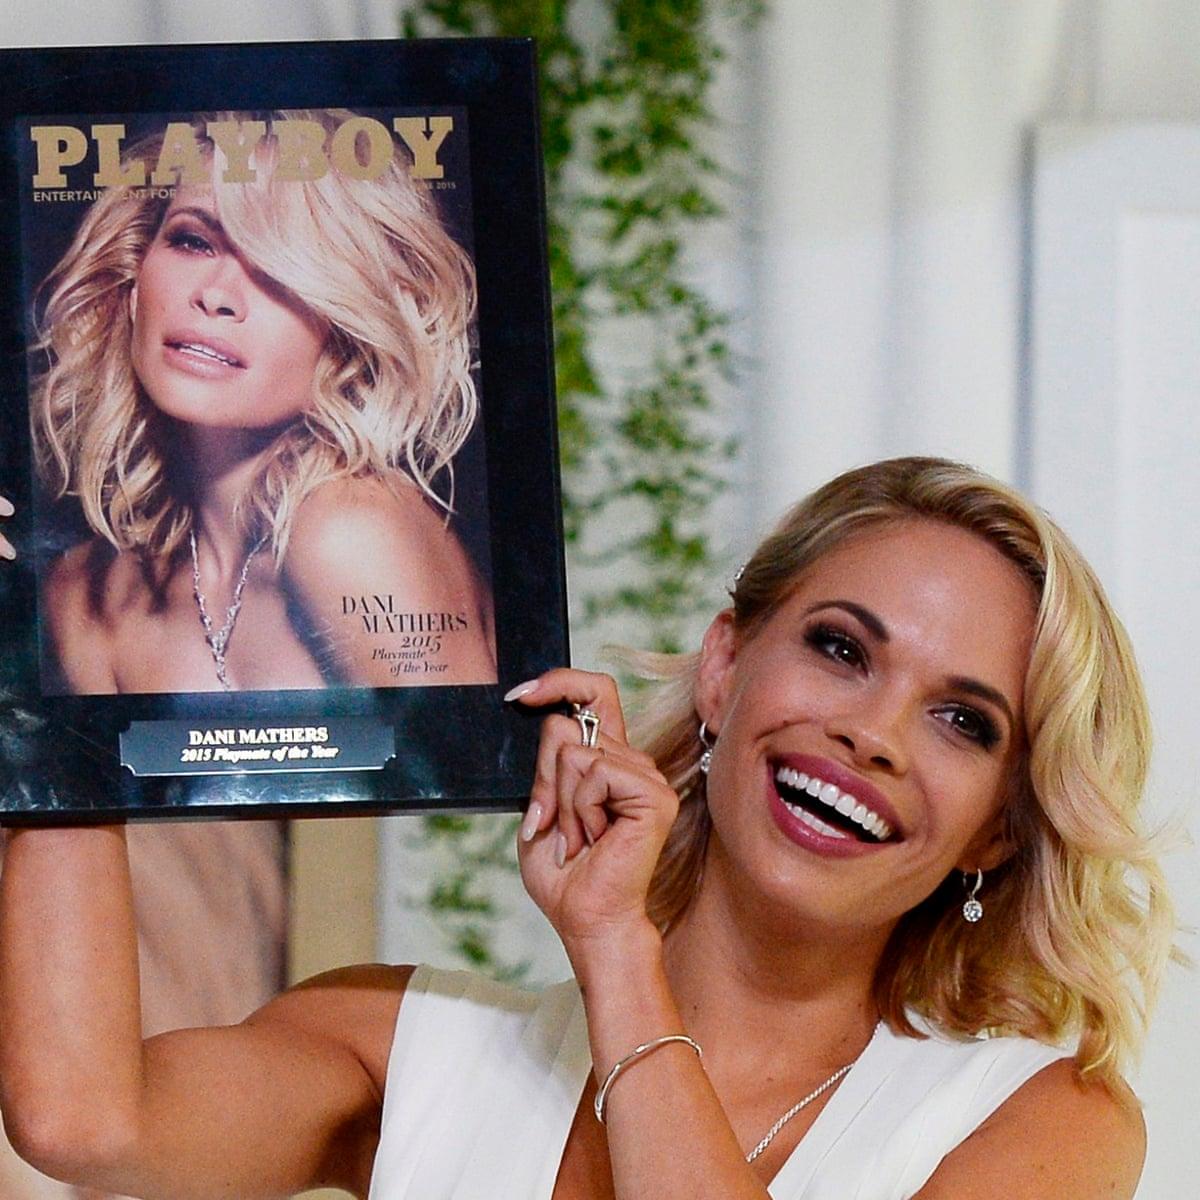 Playboy snapchat